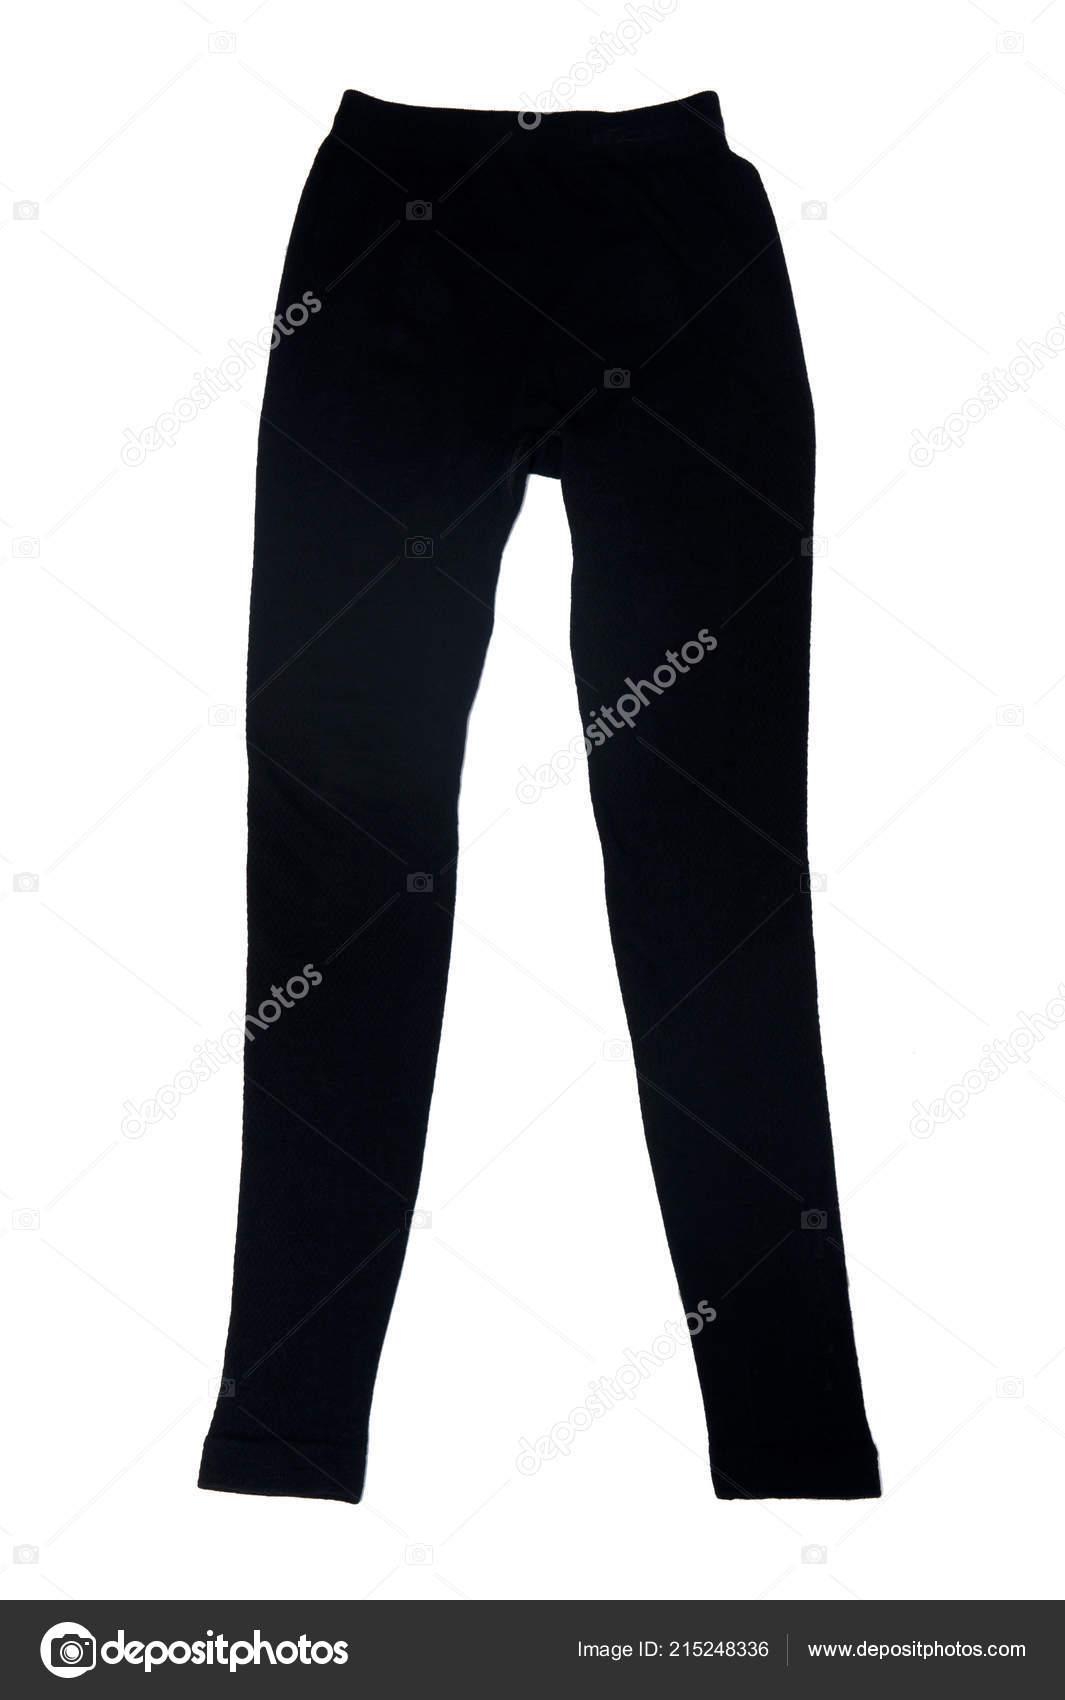 9204c577522 Černé Vlněné Kalhoty Izolovaných Bílém Pozadí — Stock Fotografie ...